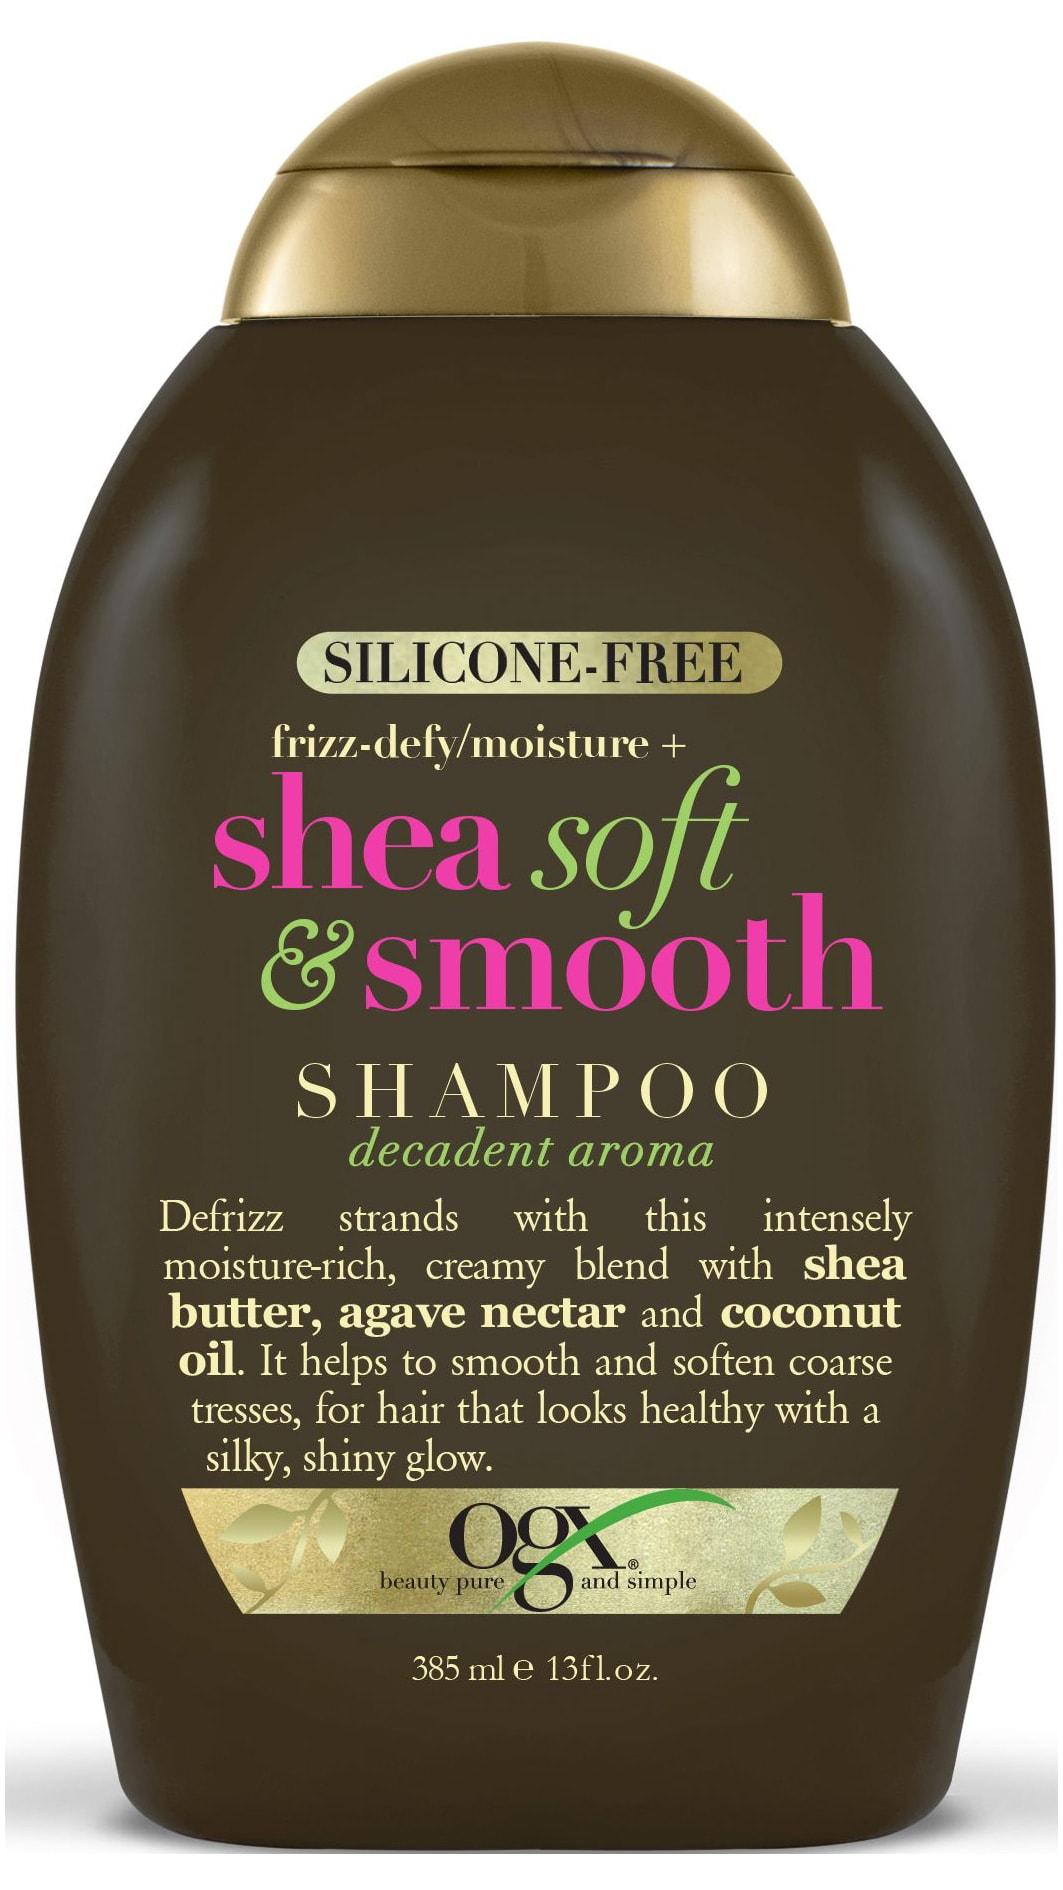 Suositeltava shampoo ilman silikonia - kymmenen myydyintä luetteloa